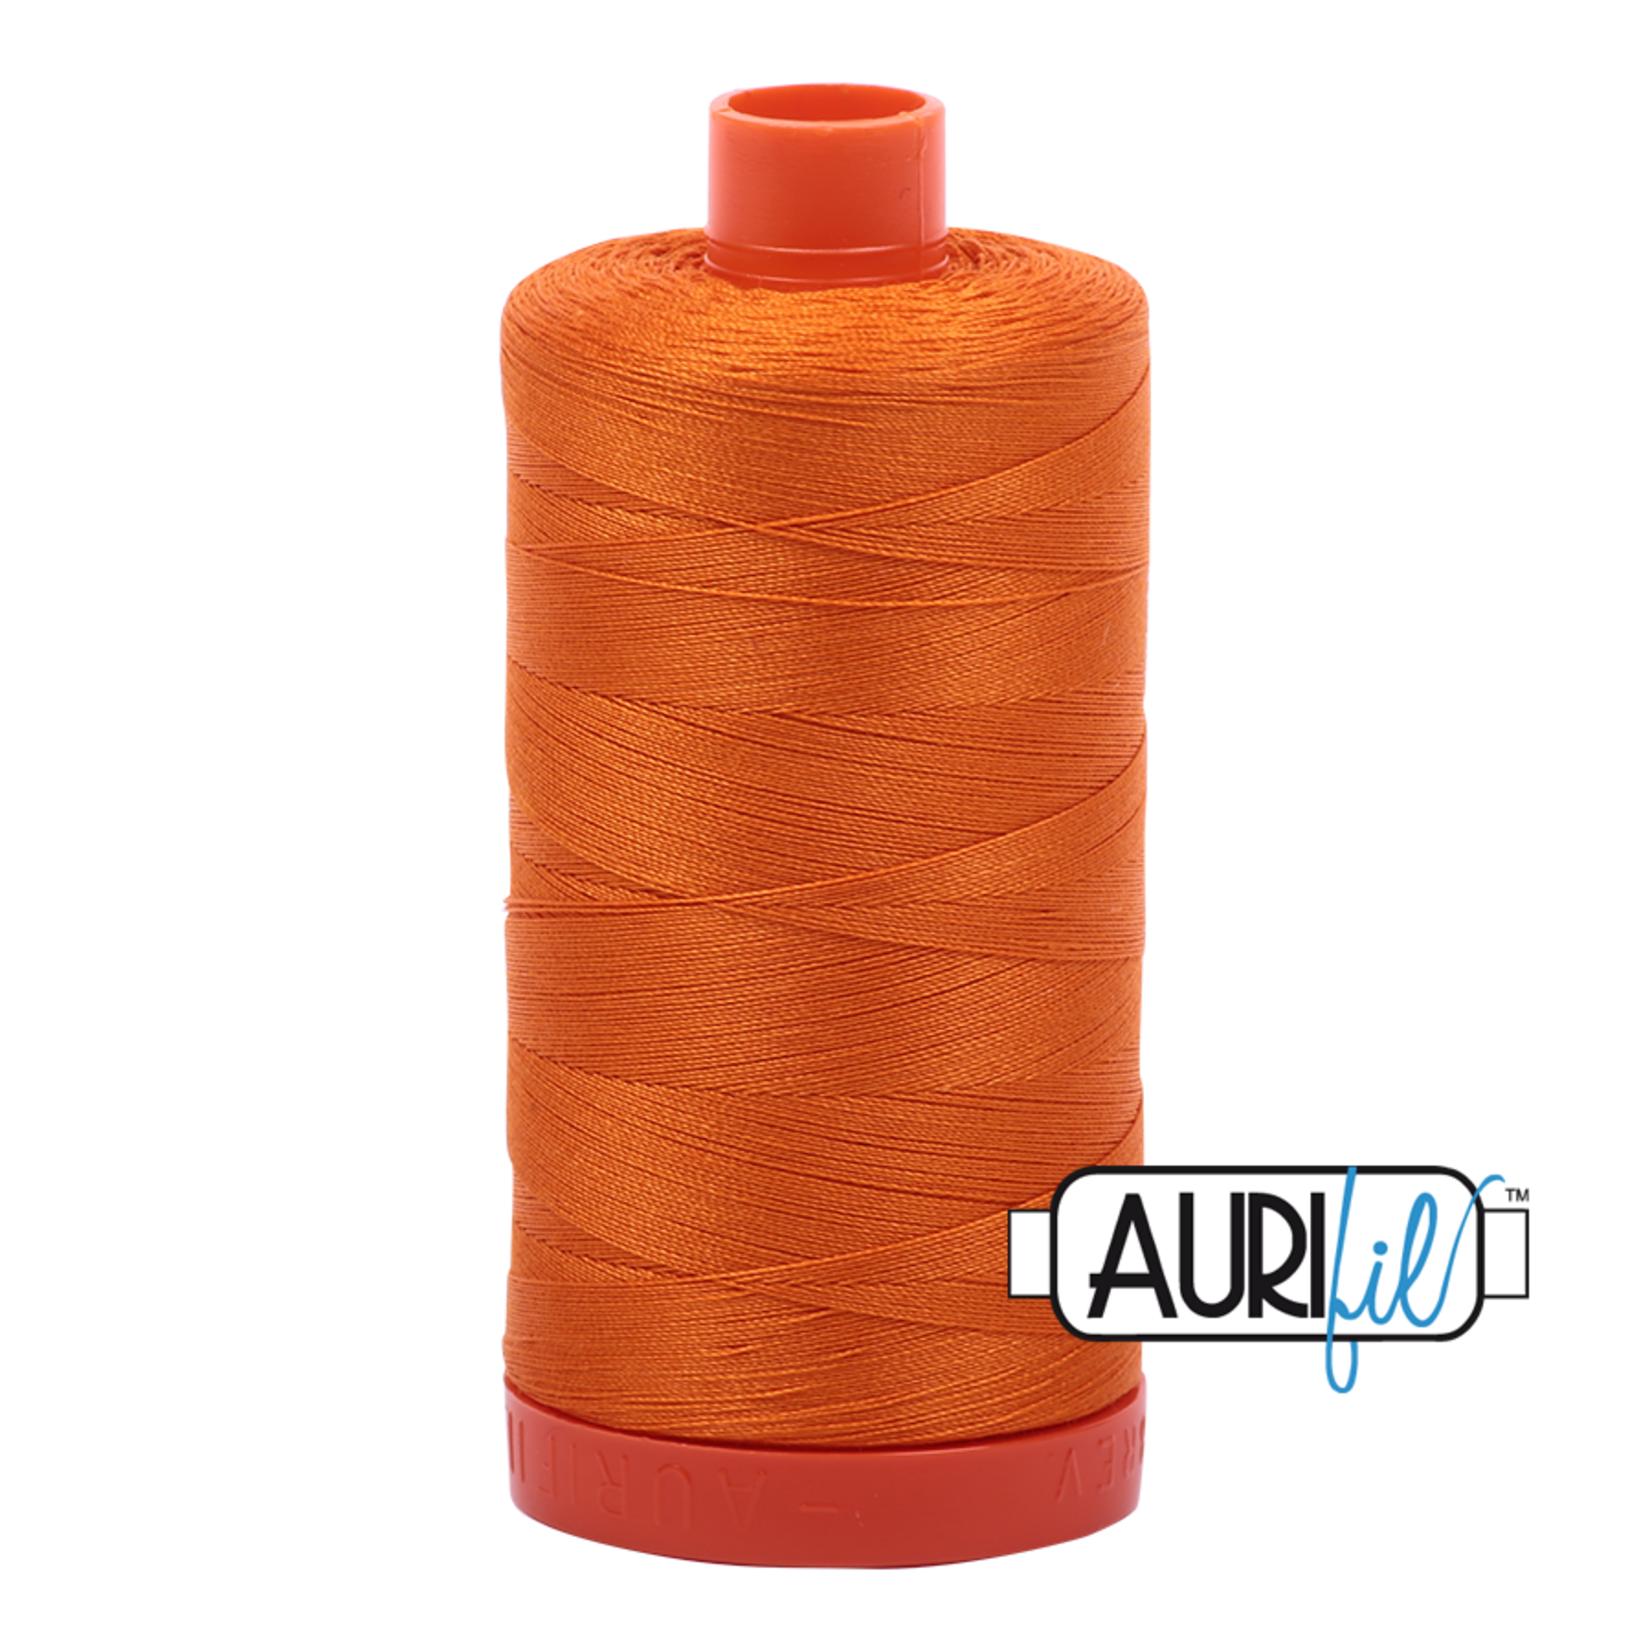 AURIFIL AURIFIL 50 WT Bright Orange 1133